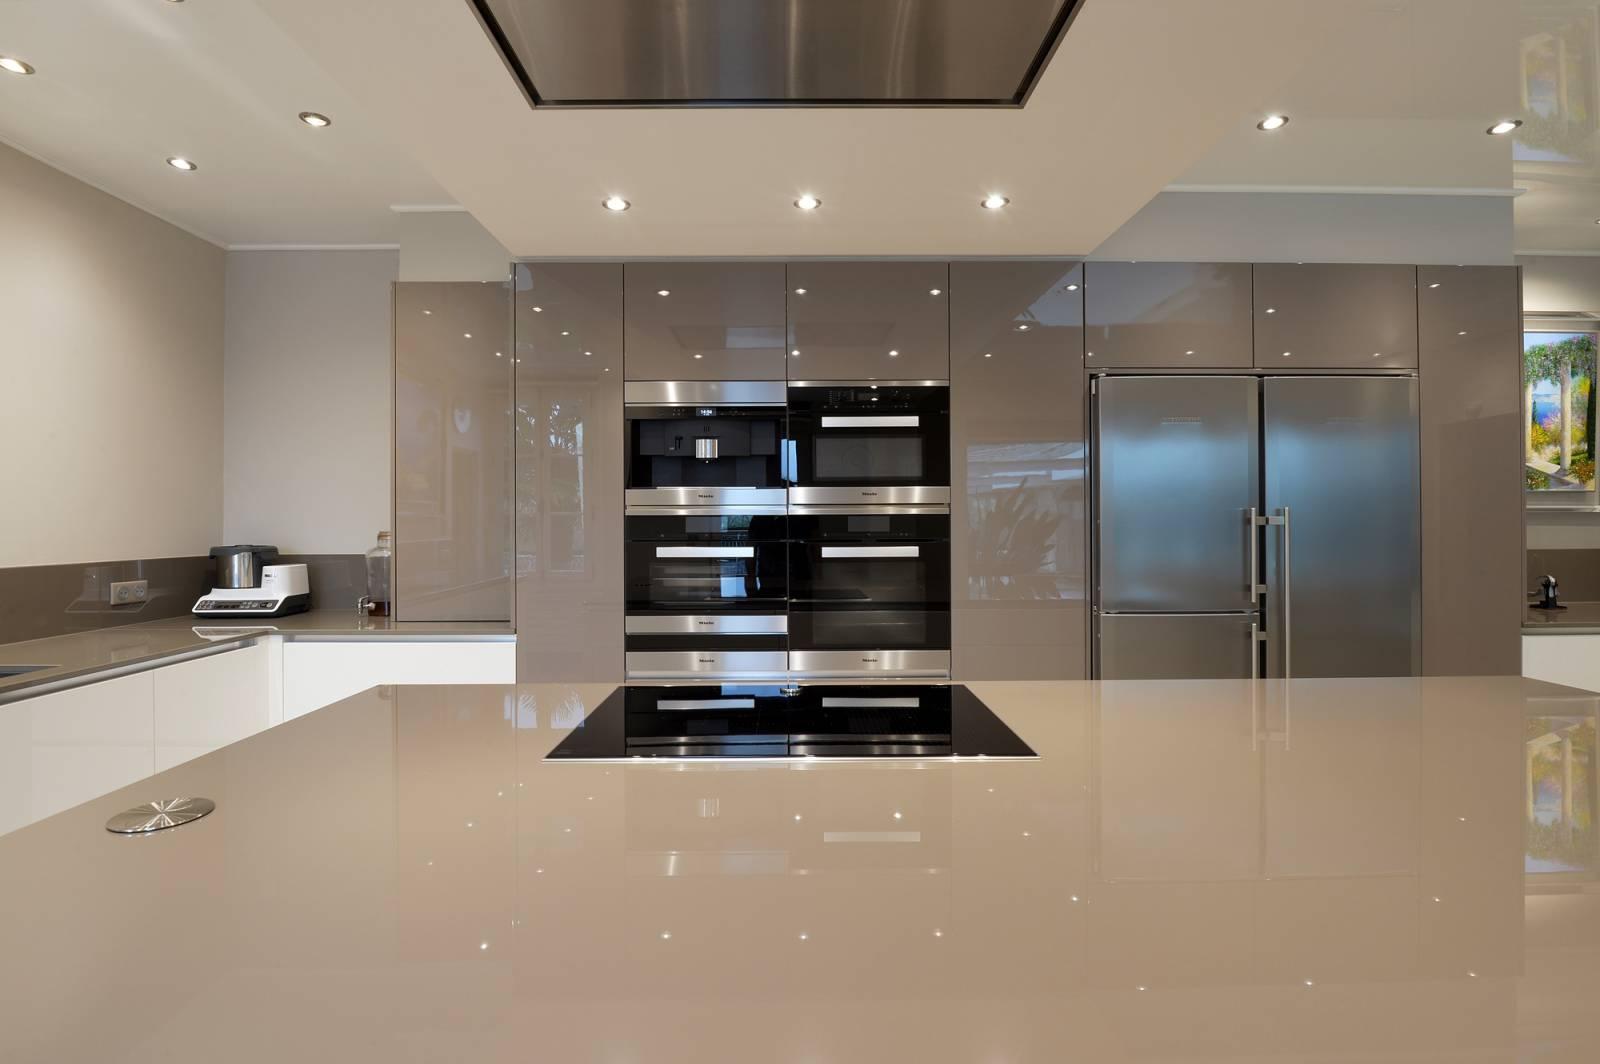 cuisine avec lot enti rement laqu e finition brillante dans le calvados sp cialiste de l. Black Bedroom Furniture Sets. Home Design Ideas